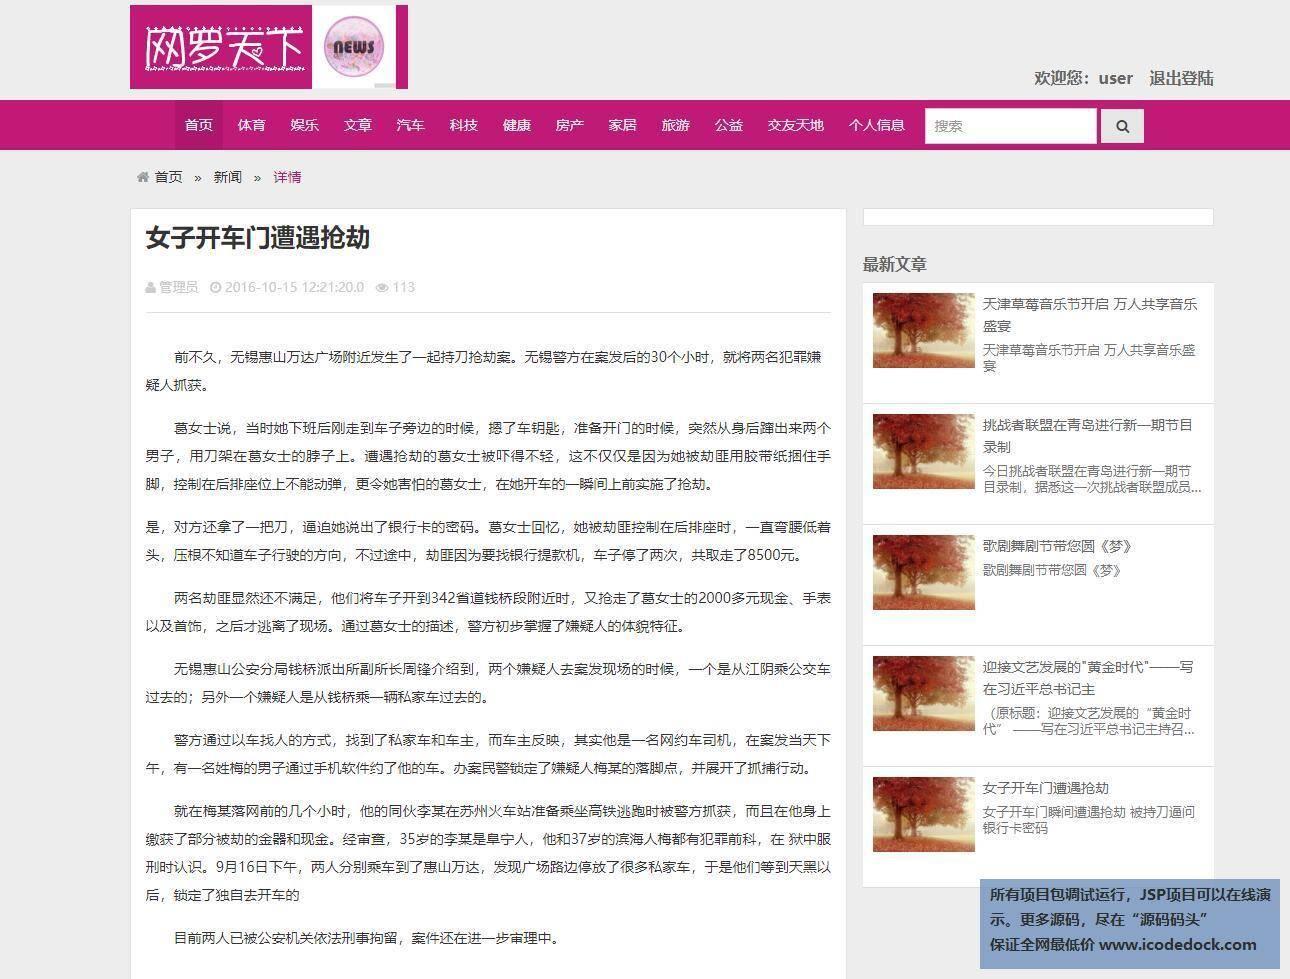 源码码头-SSM新闻资讯网站管理系统-用户角色-查看某一个新闻